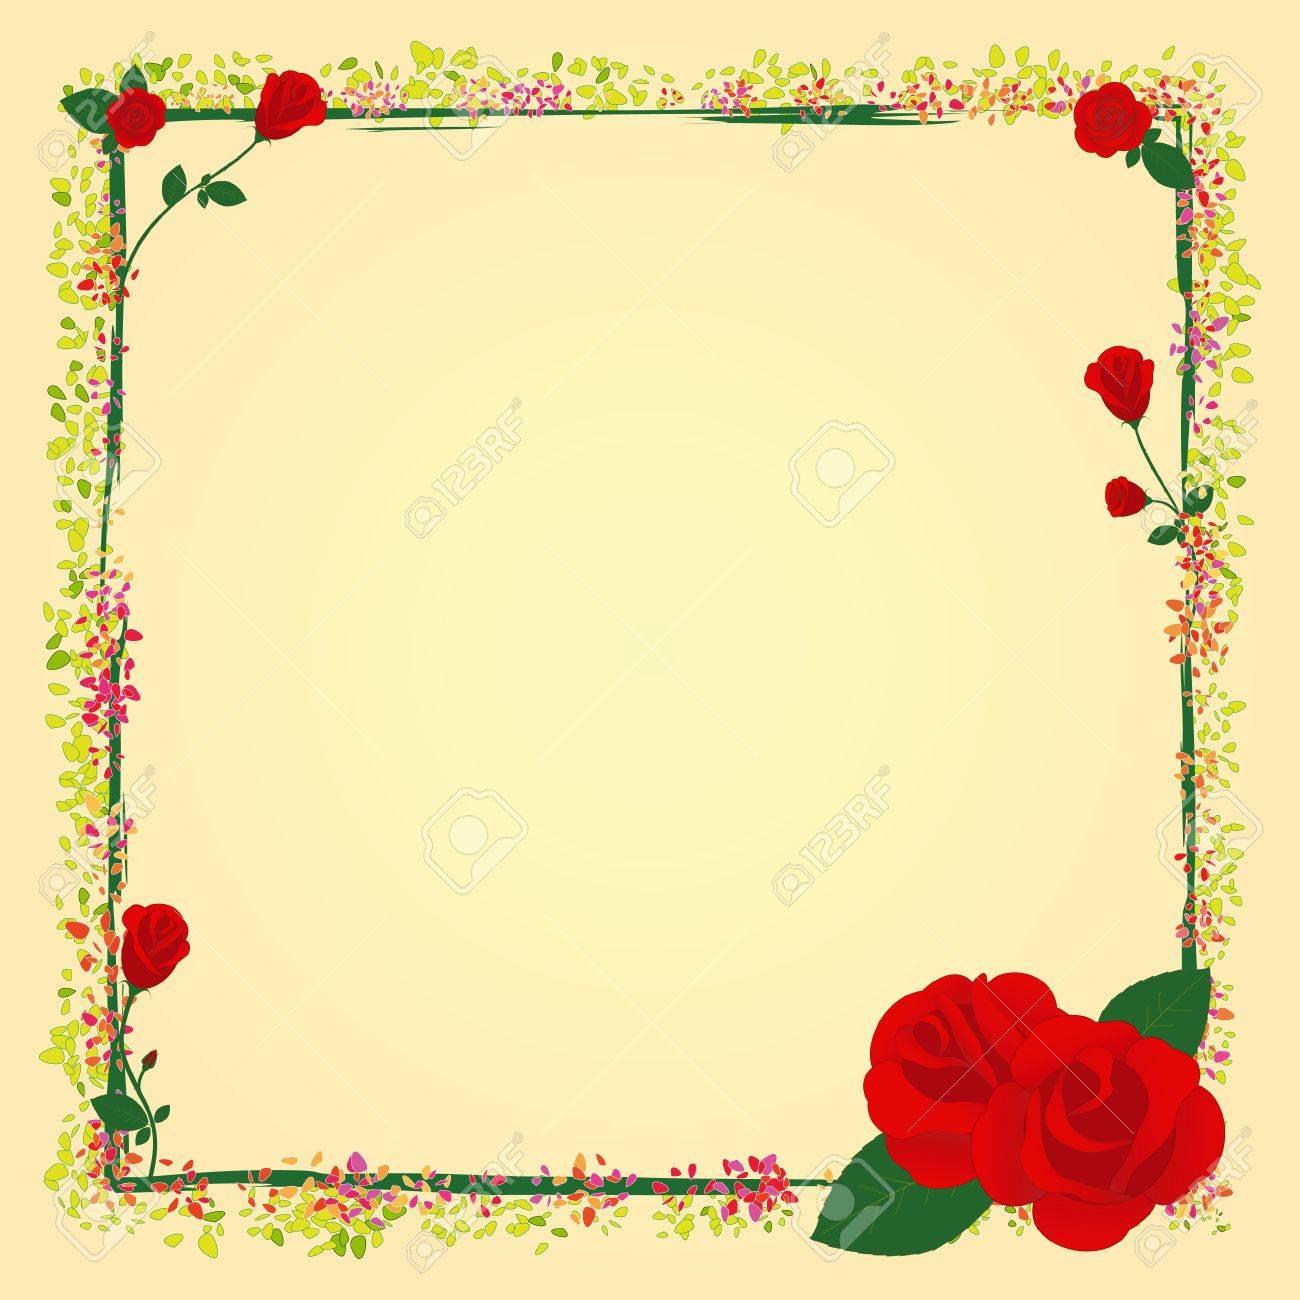 Marco De Flor De Jardín De Rosas De Verano Ilustraciones Vectoriales ...